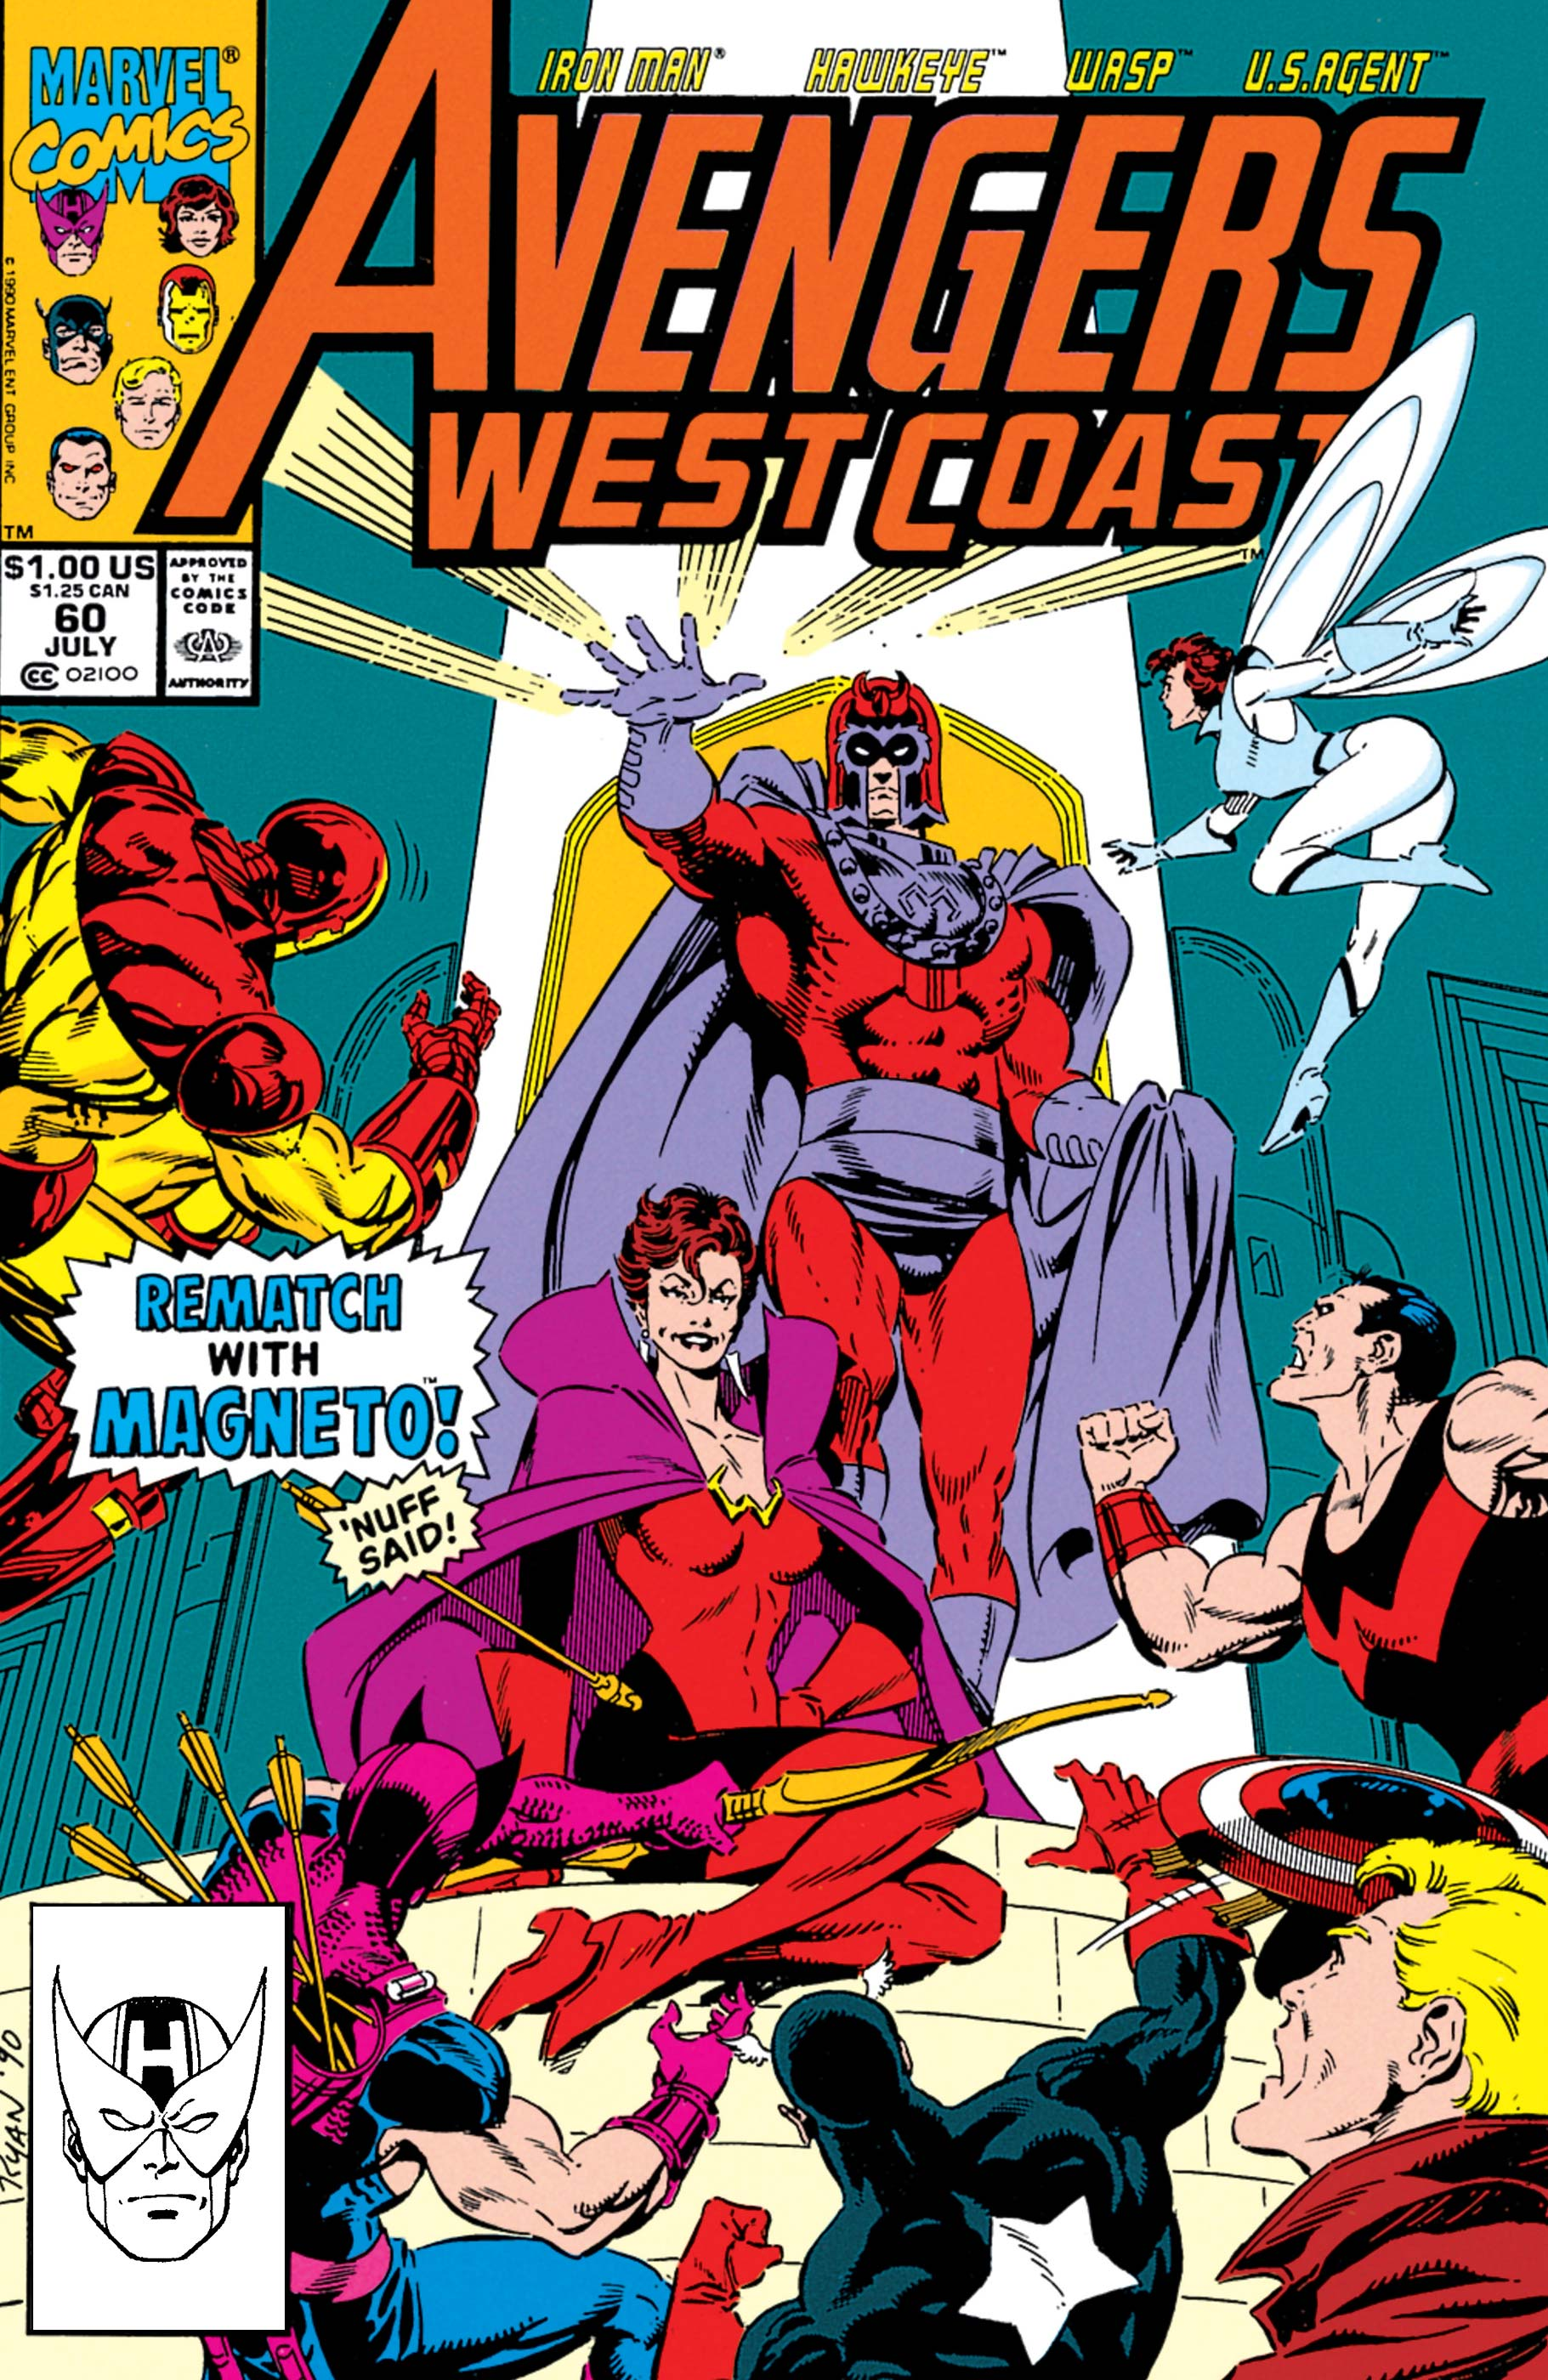 West Coast Avengers (1985) #60